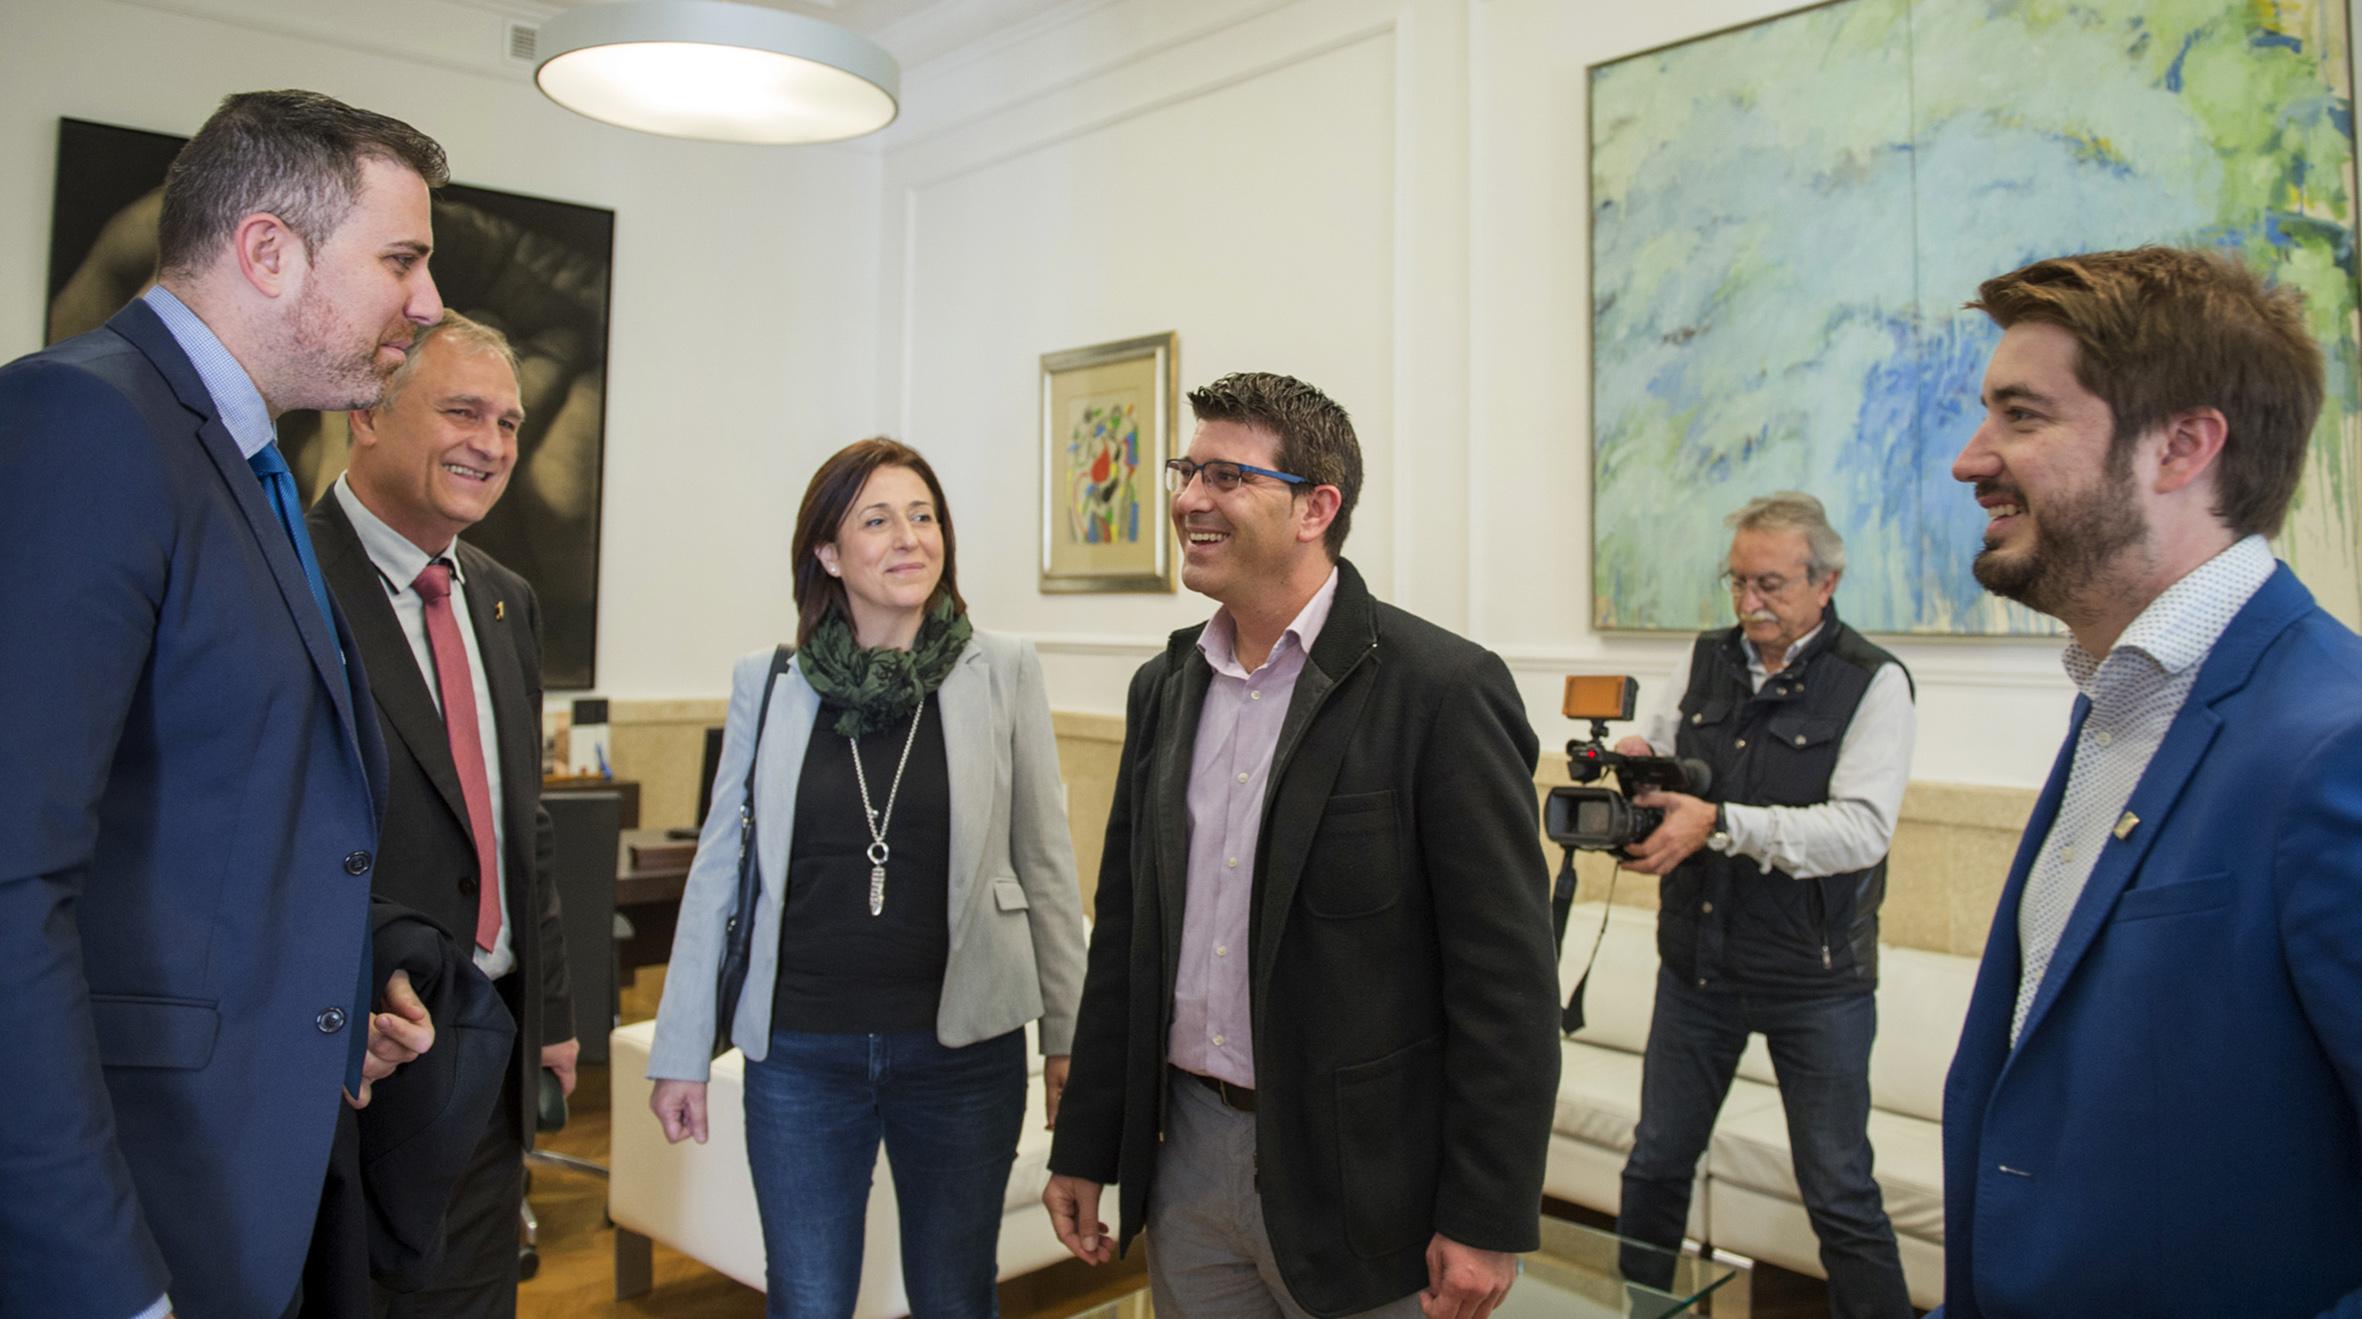 El presidente de la Diputación recibe a Manuel Civera, Rafael Pérez y Jordi Mayor, que le trasladan la intención de las seis bandas de estos municipios de hacer una gira de grandes conciertos en conjunto.